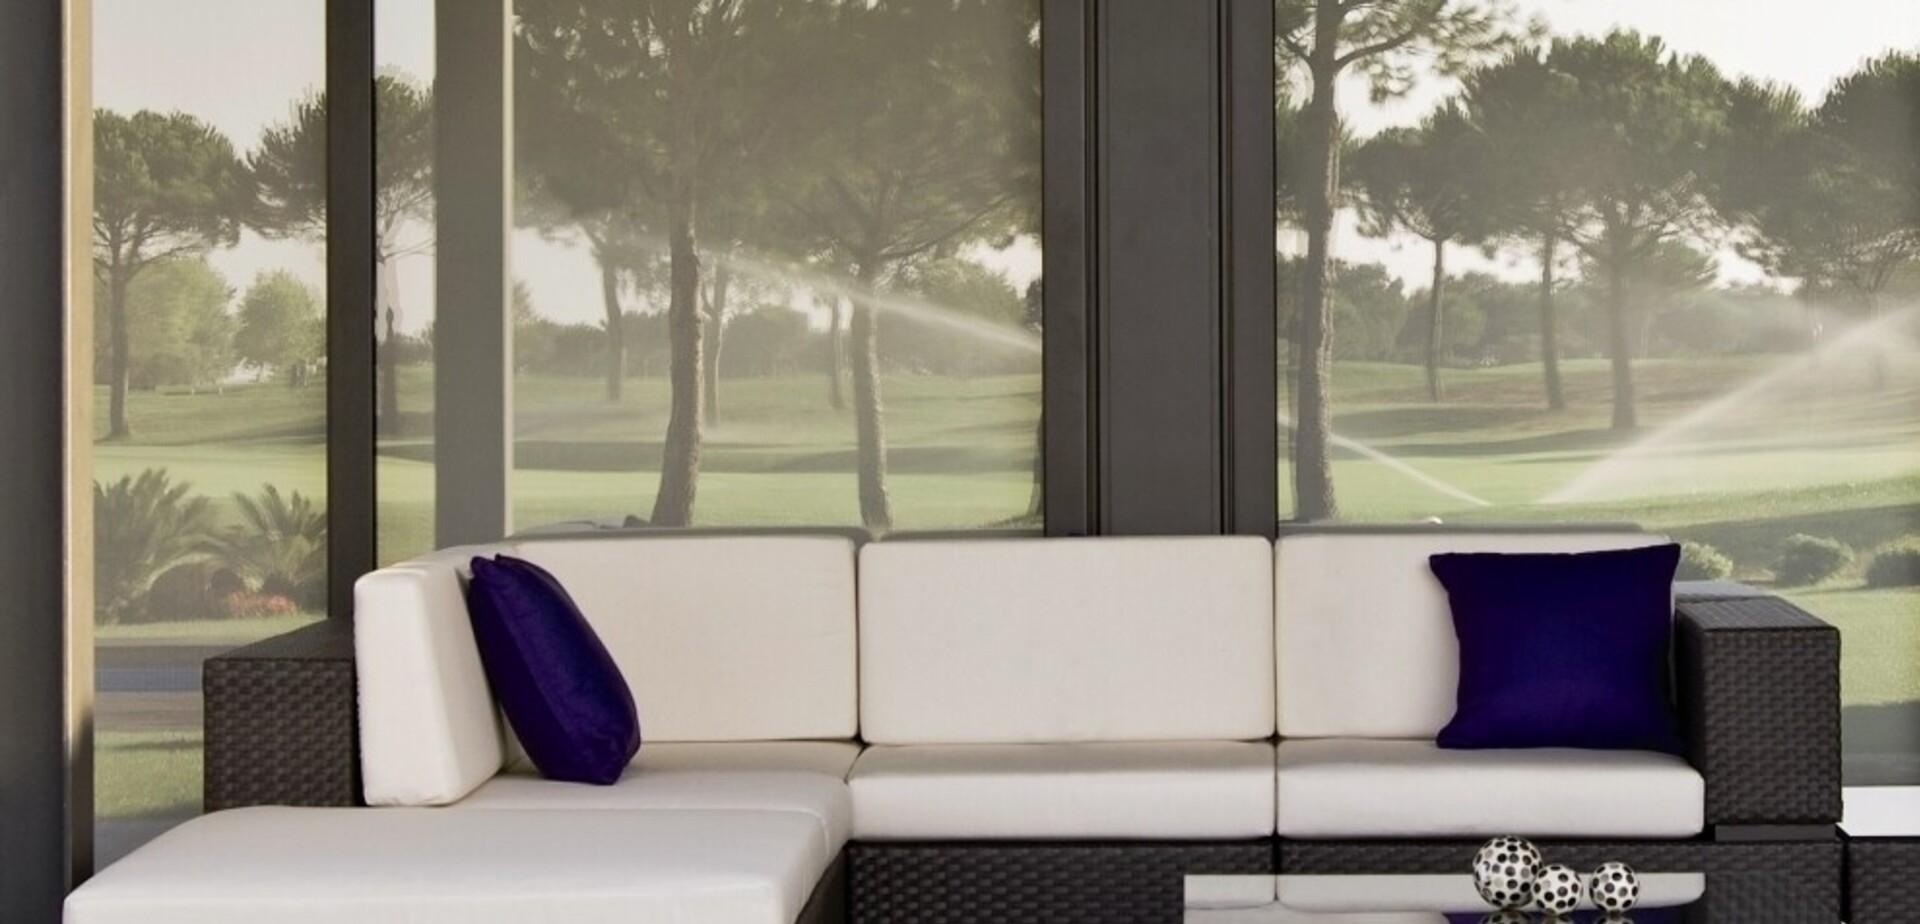 Achetez votre meuble de jardin - mobilier de jardin en ligne